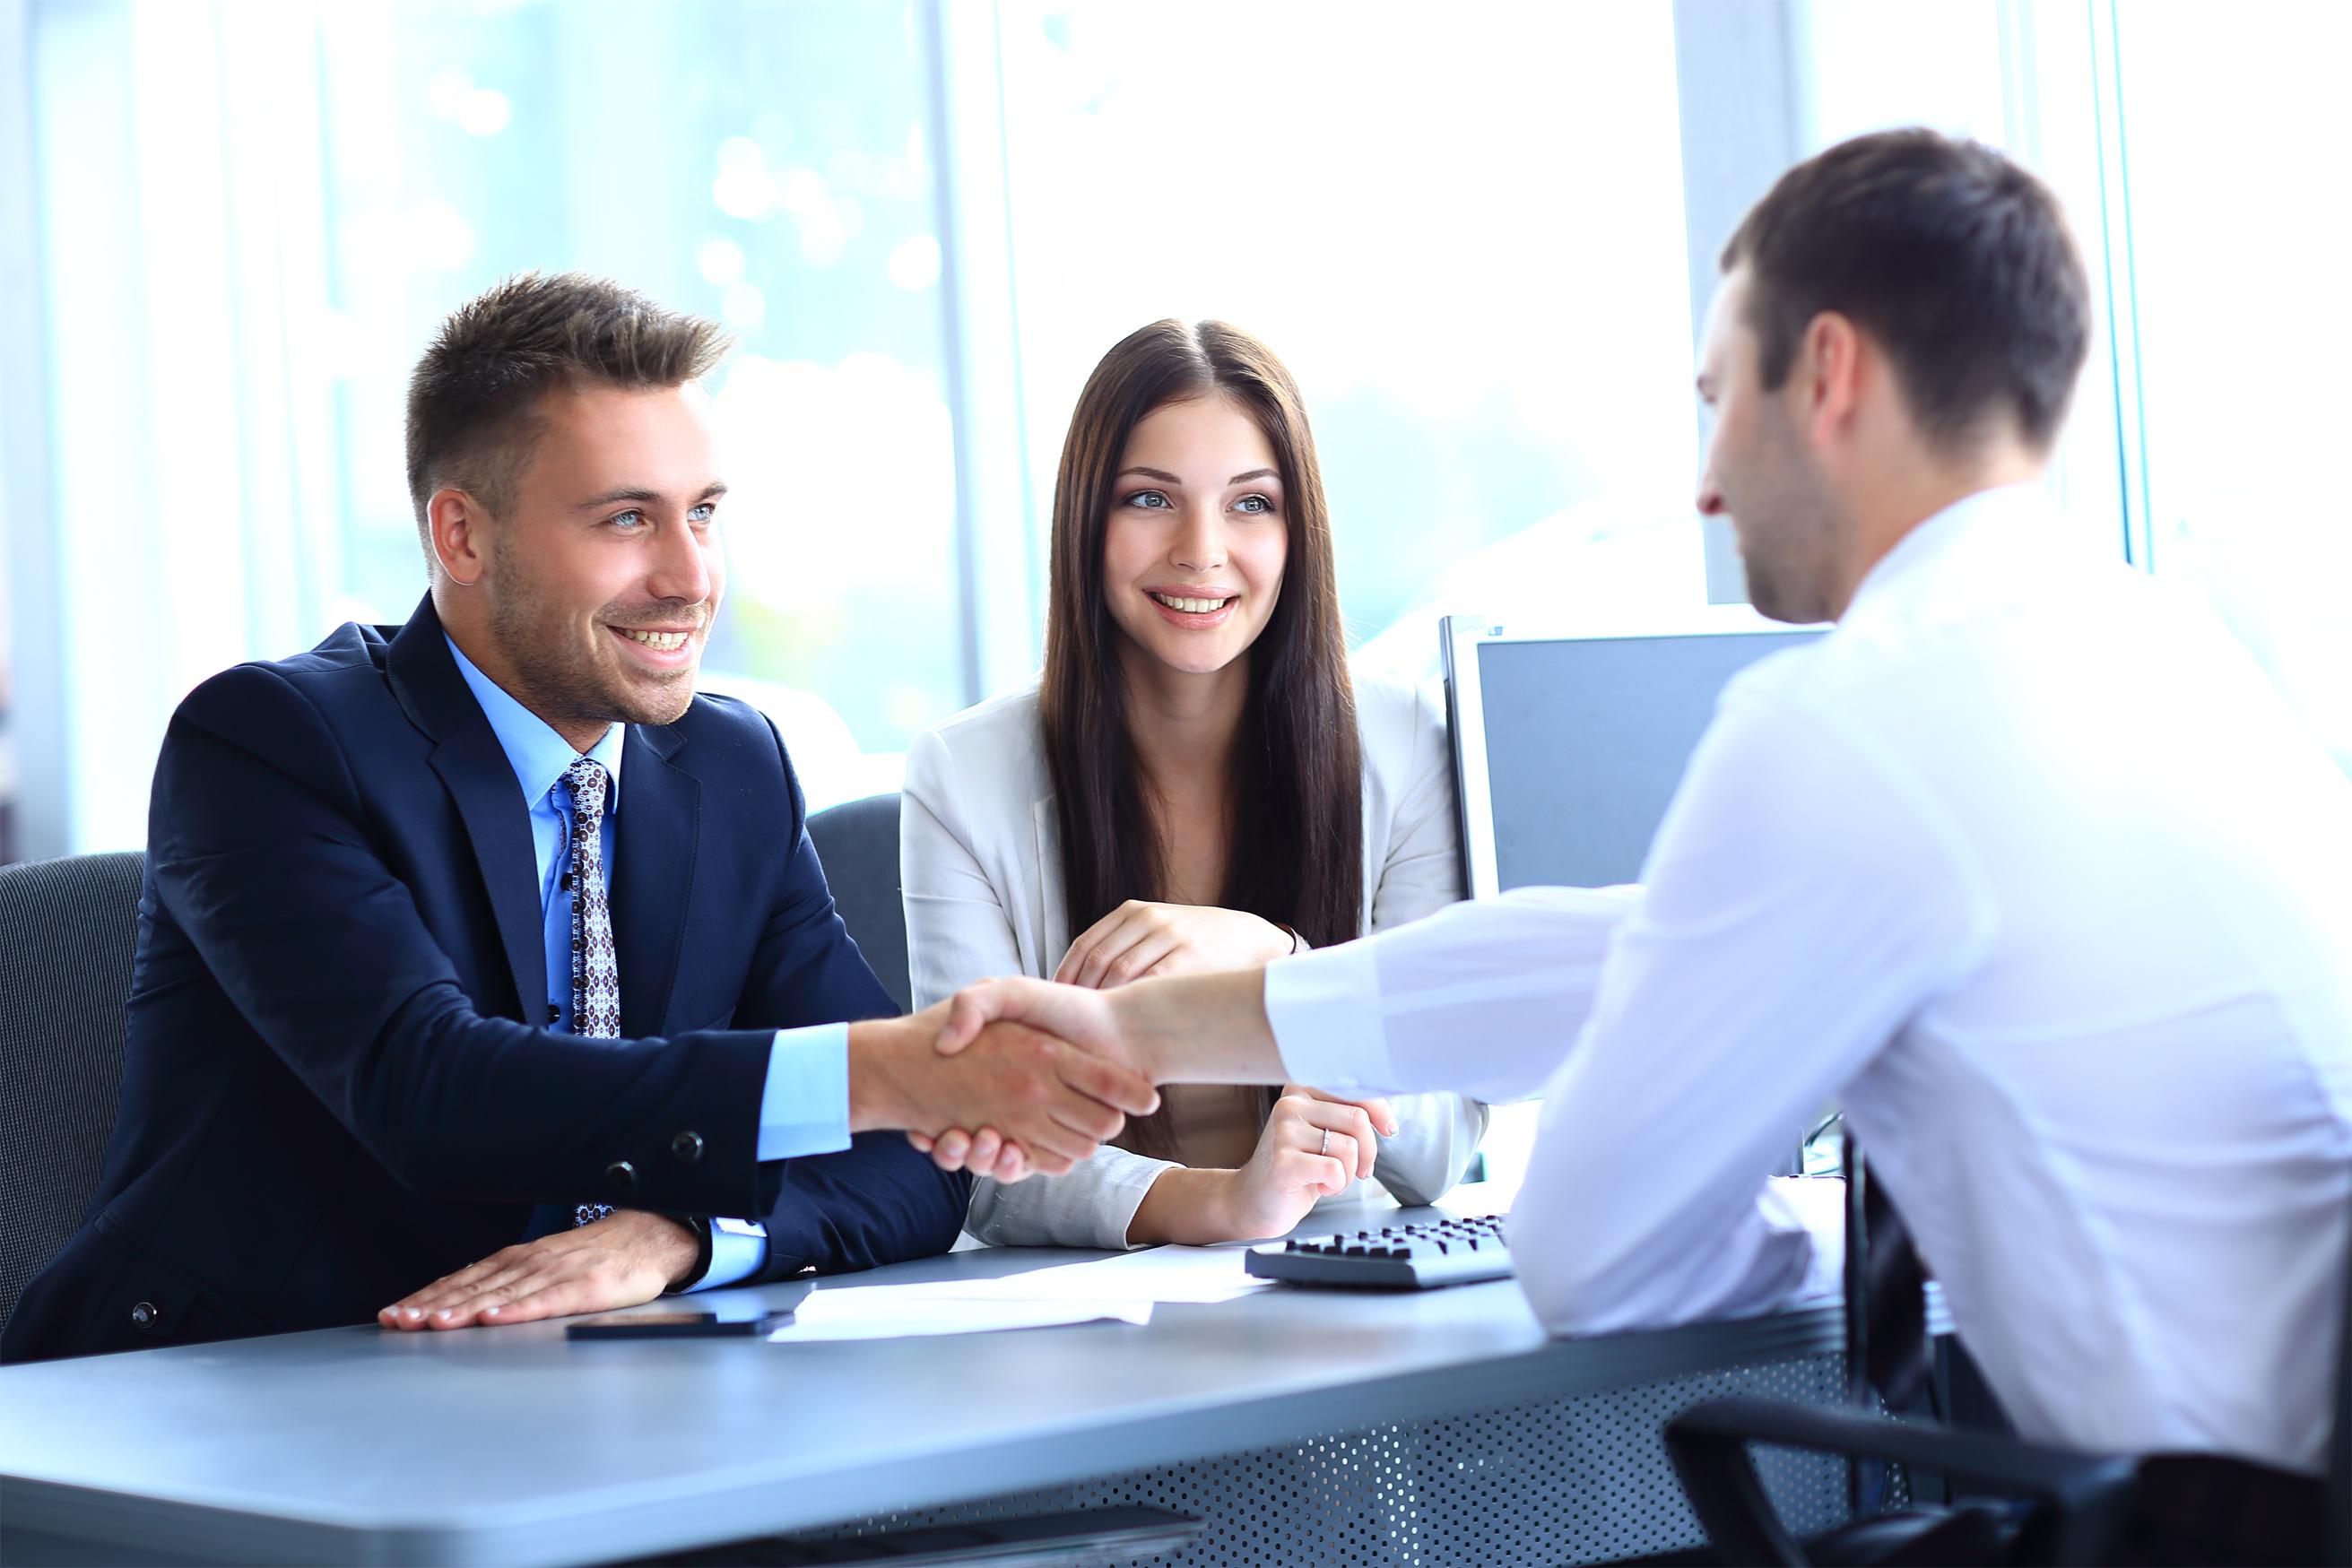 Организация схемы расчета между сторонами при срочной продаже недвижимости